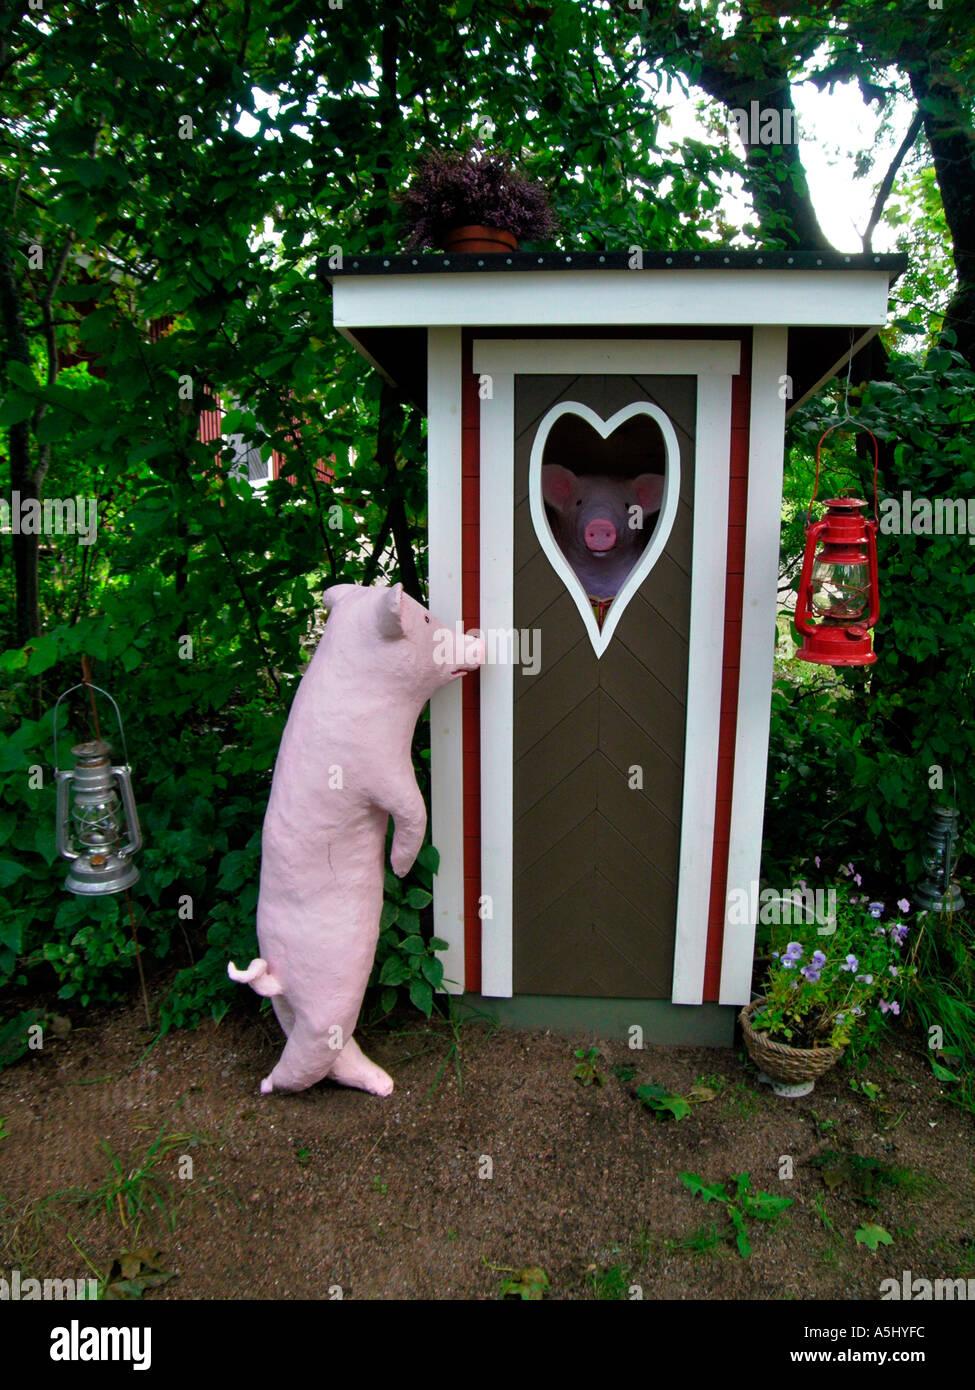 Schwein vor einem Loo-Kabine Stockbild